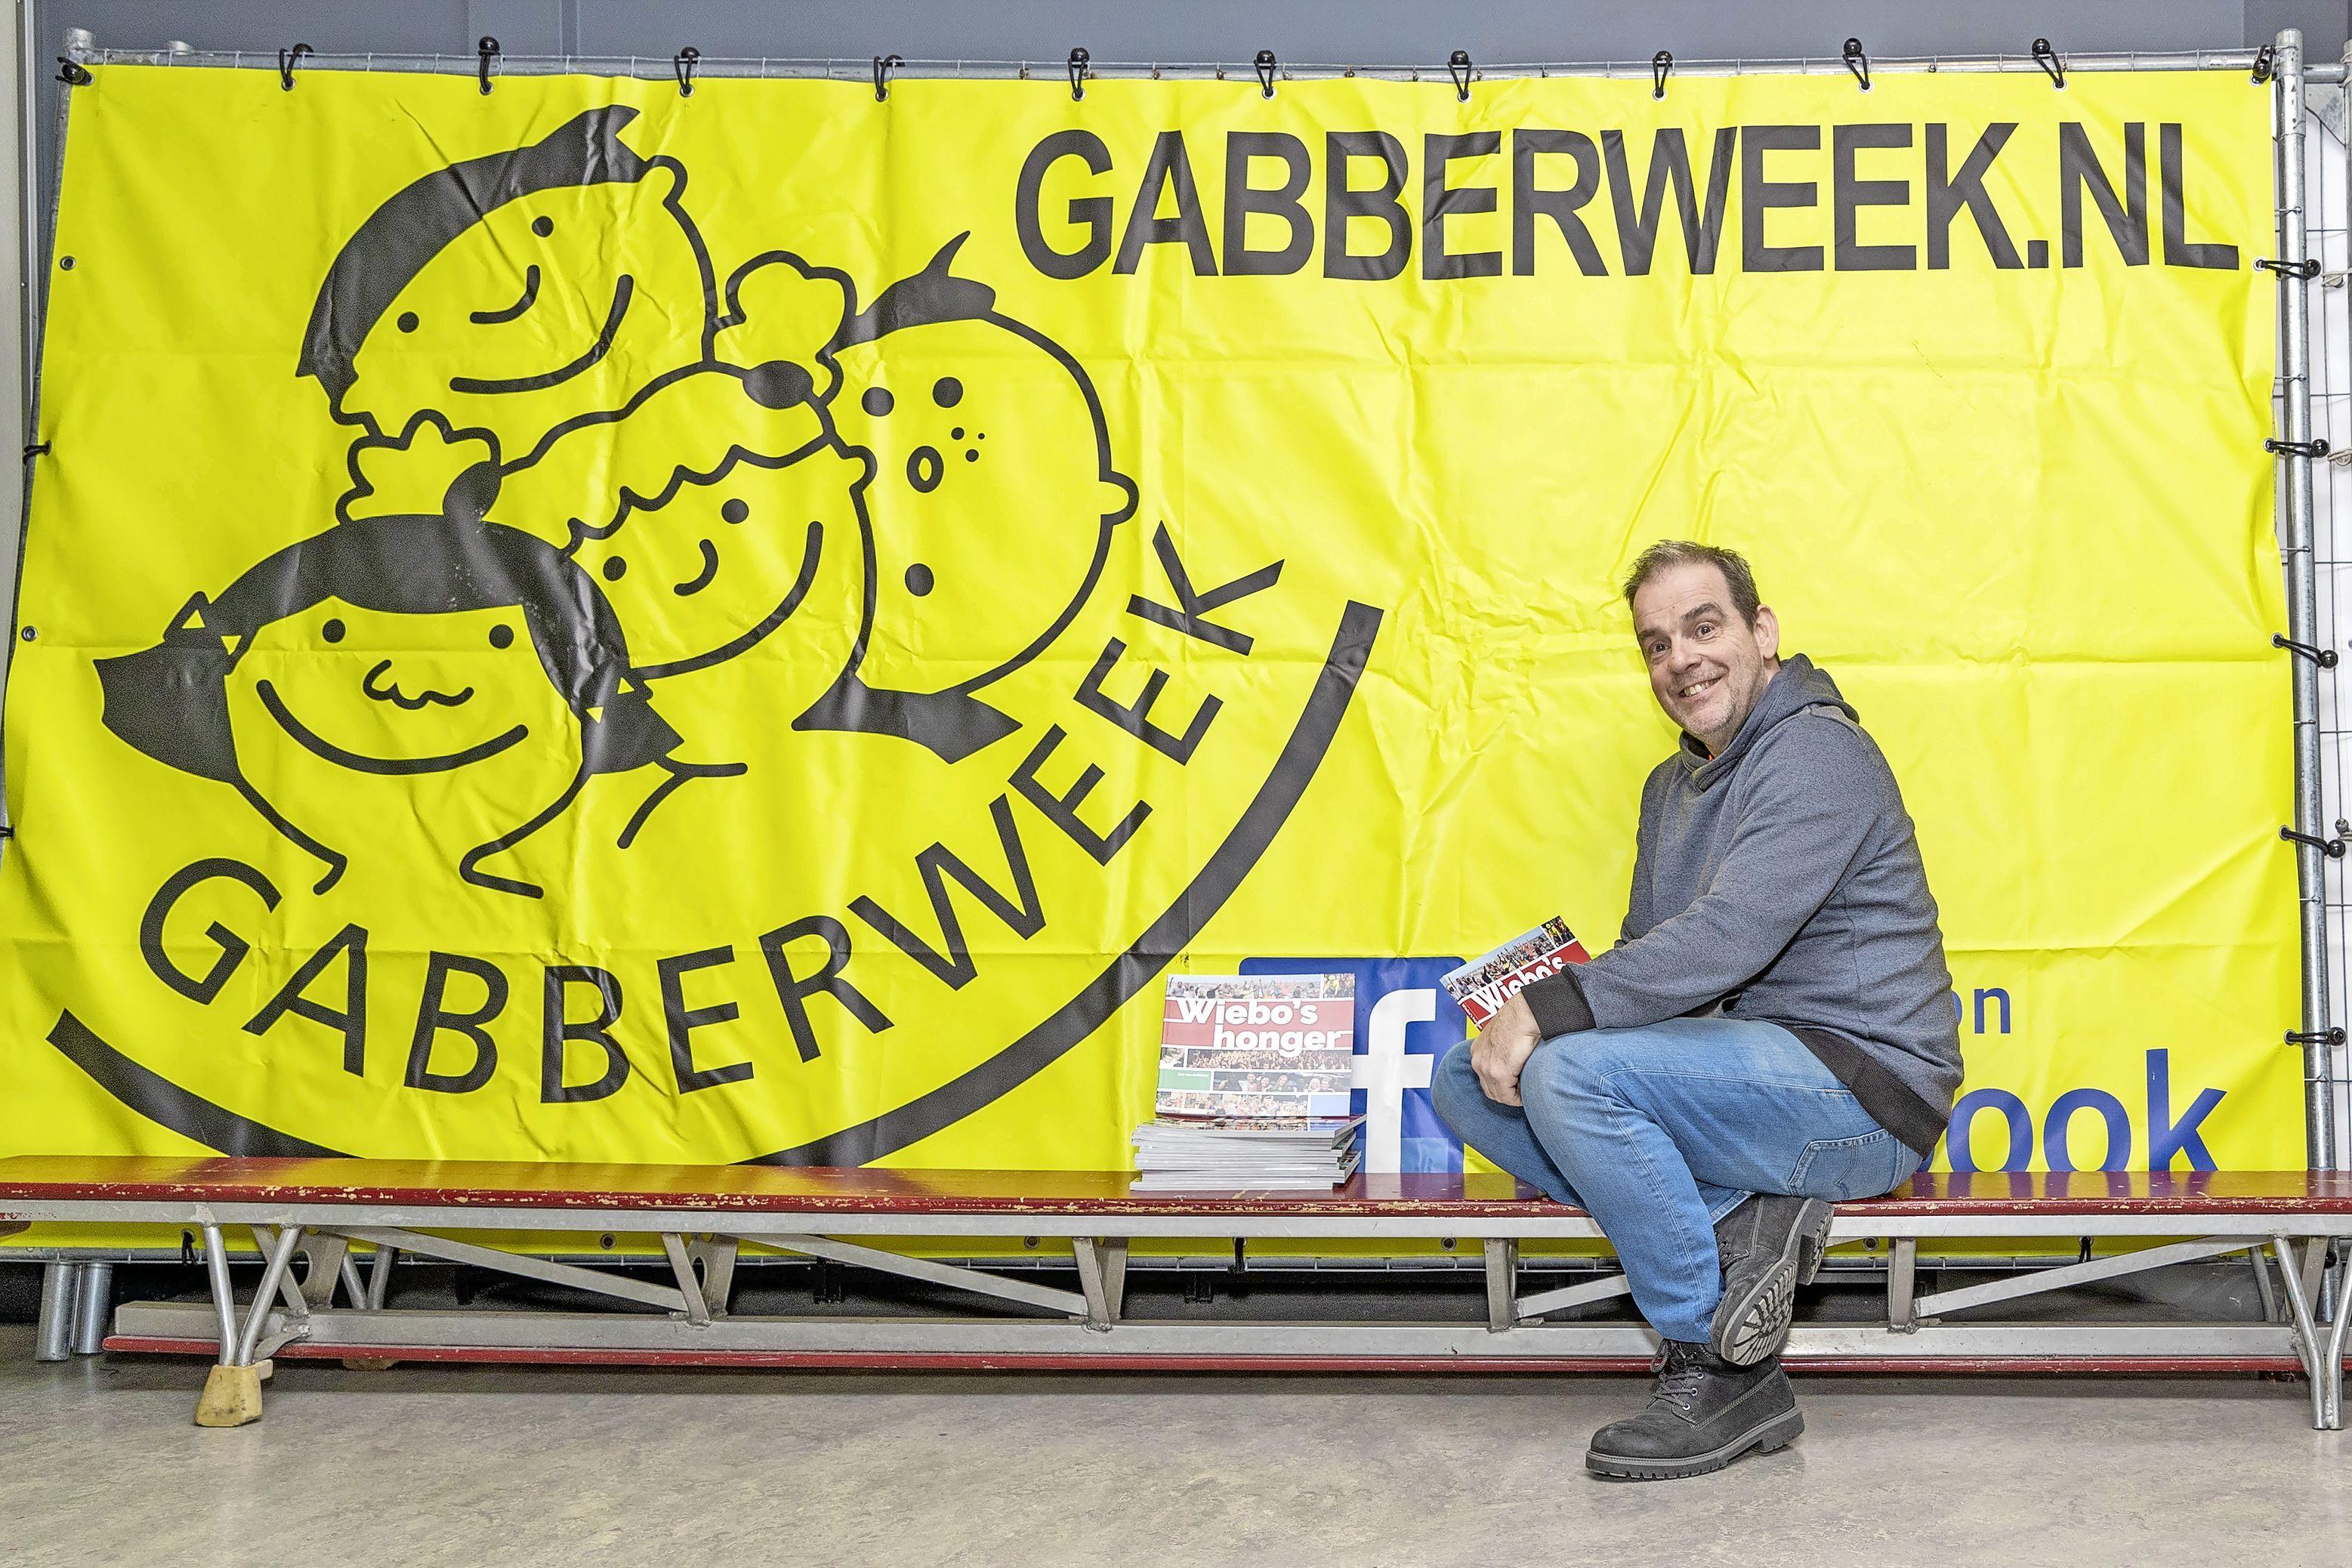 Boerenkool en radio in plaats van Gabberweek in Opmeer: 'Tussen muziek en interviews door hommage aan burgemeester Gert Jan Nijpels'